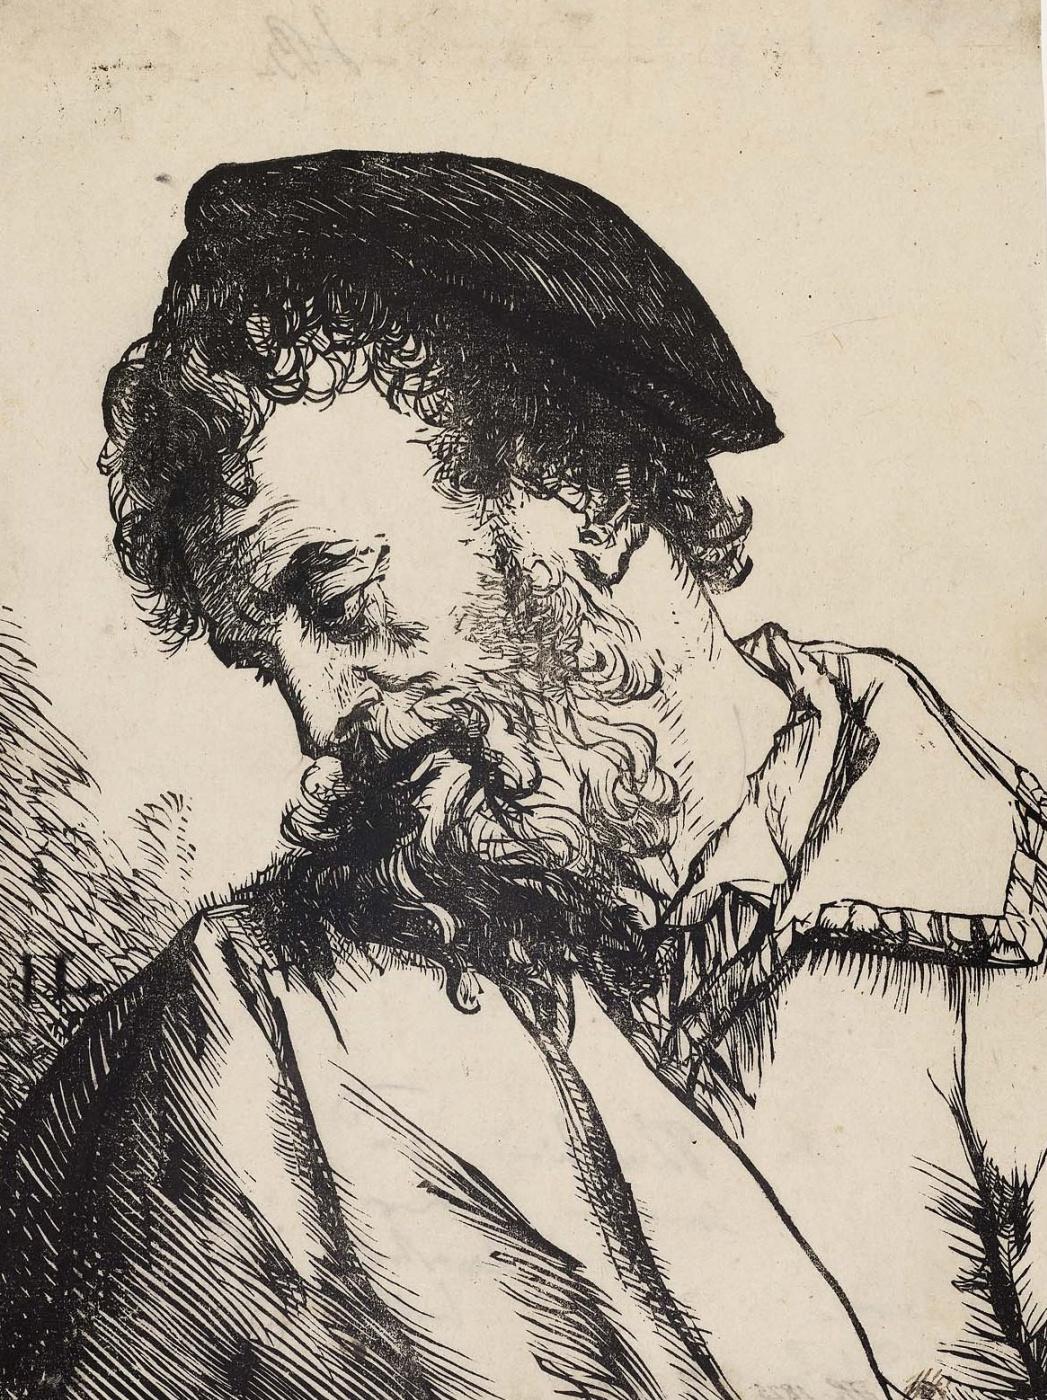 Jan Lievens. Bent man in a beret